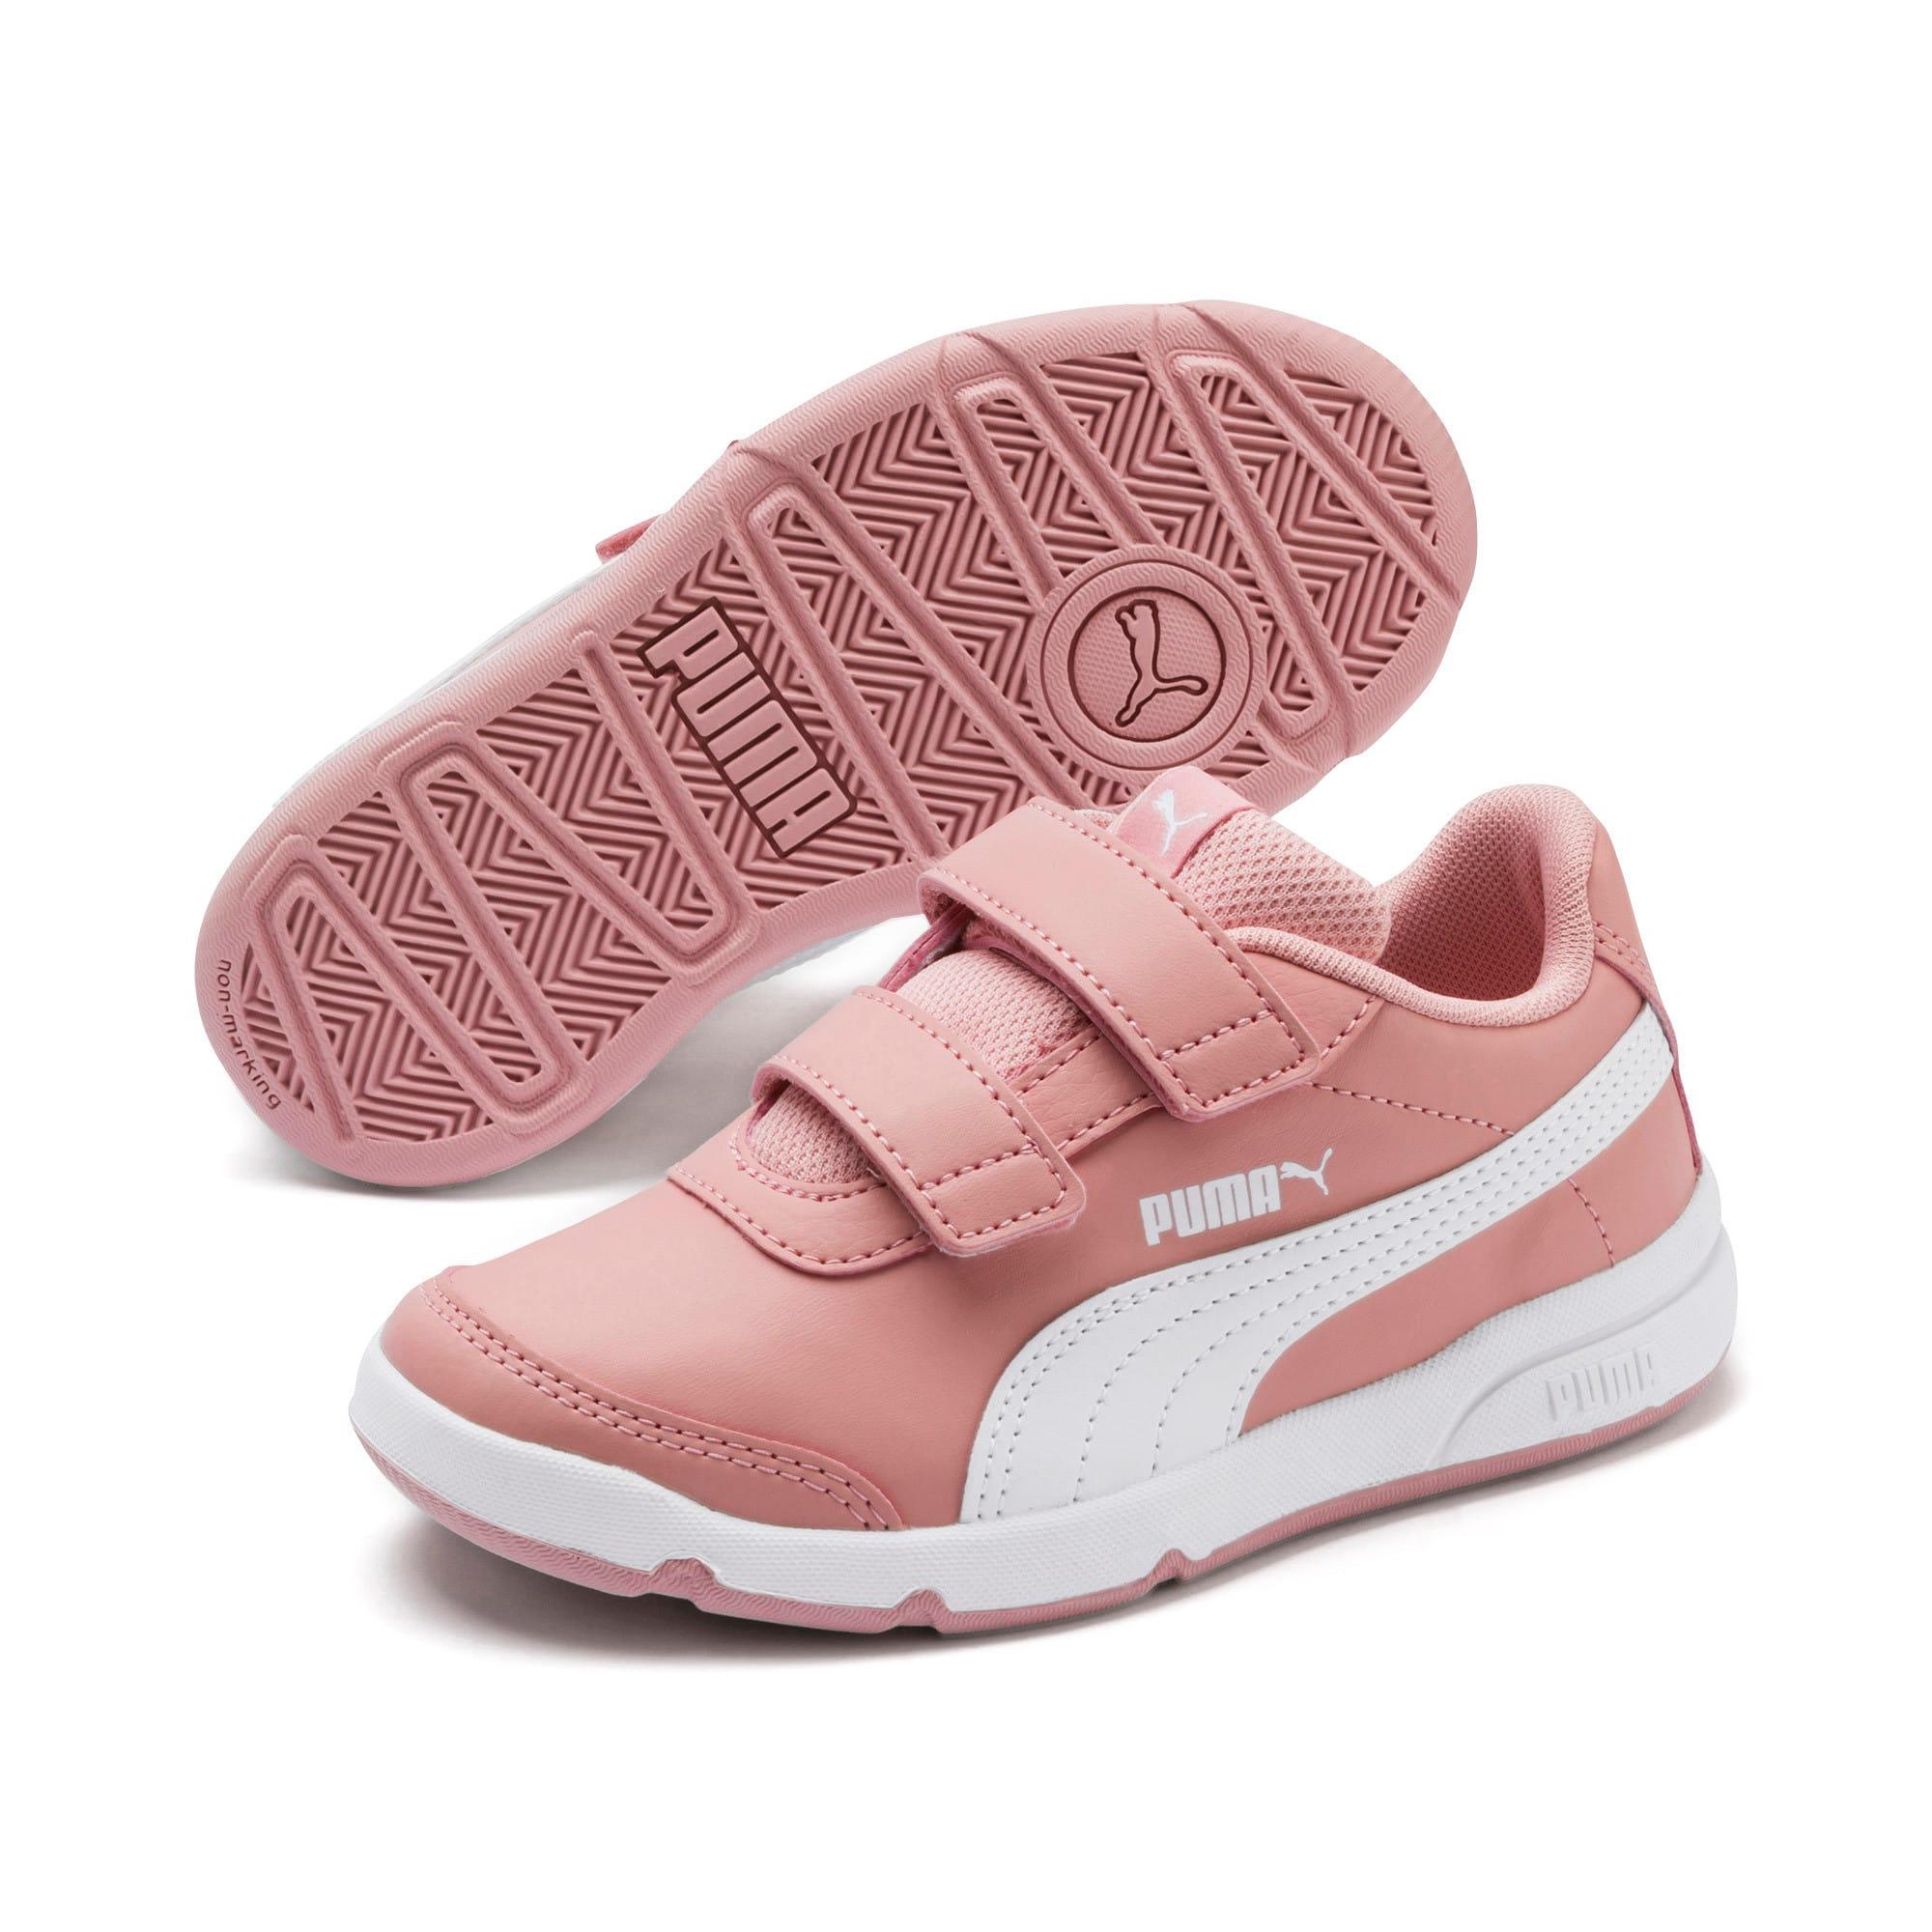 Thumbnail 2 of Stepfleex 2 SL VE V Kids Sneaker, Bridal Rose-Puma White, medium